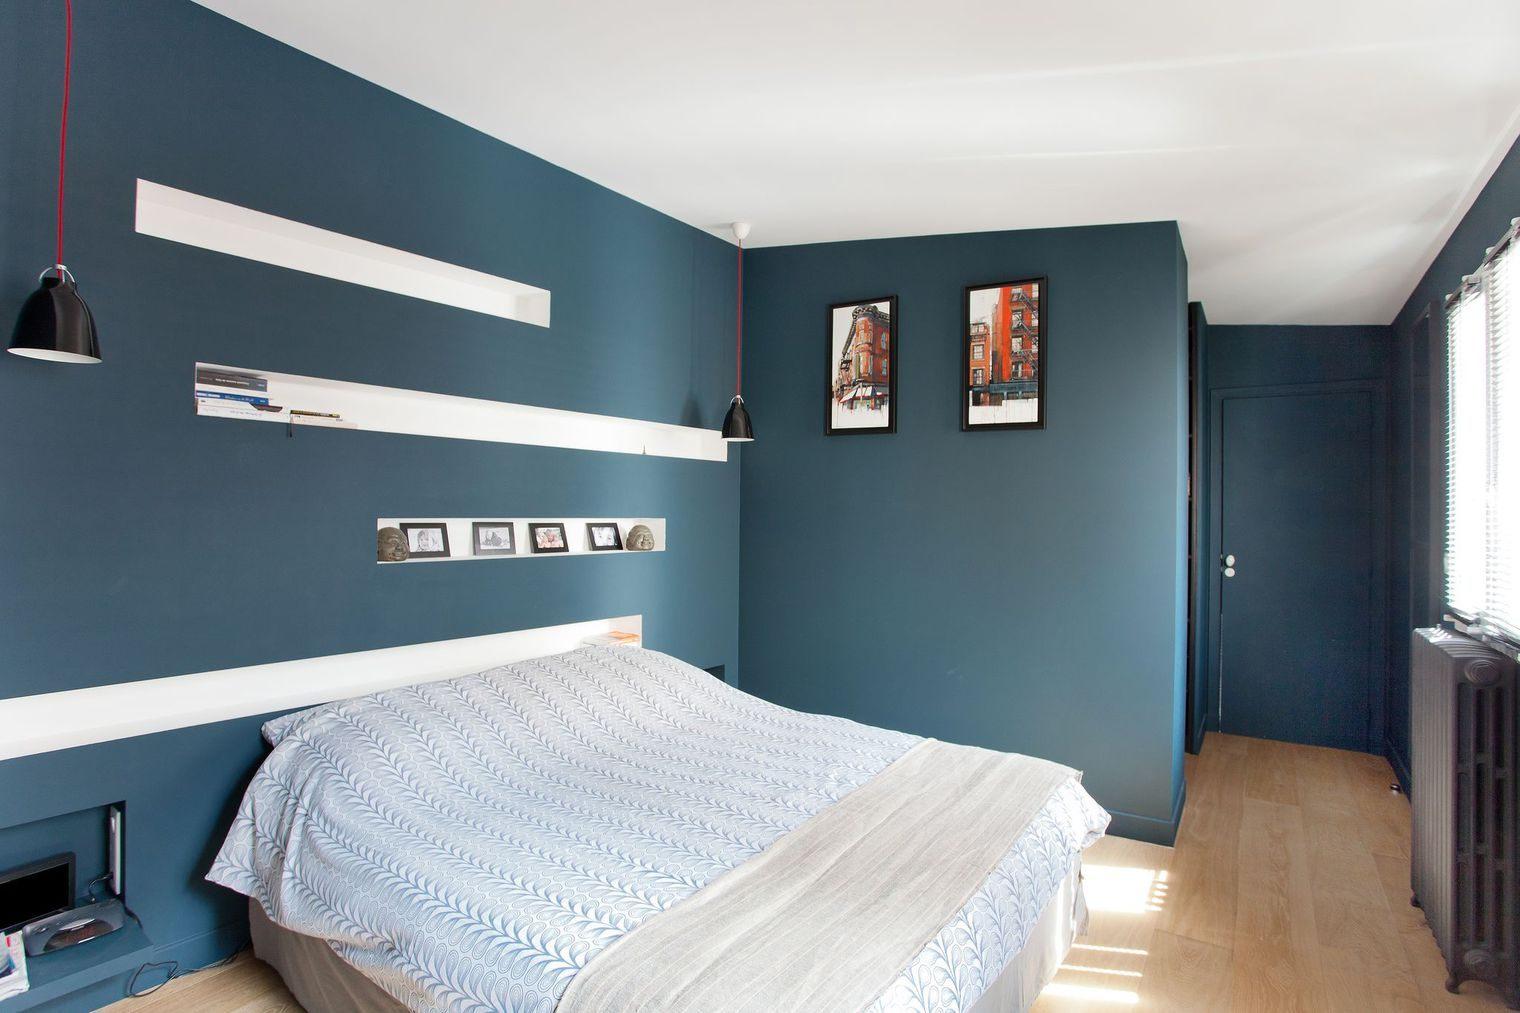 Modele Tete De Lit De Luxe Deco Chambre Lit Noir Meuble Salle De Bain Darty Belle Lit Darty 0d